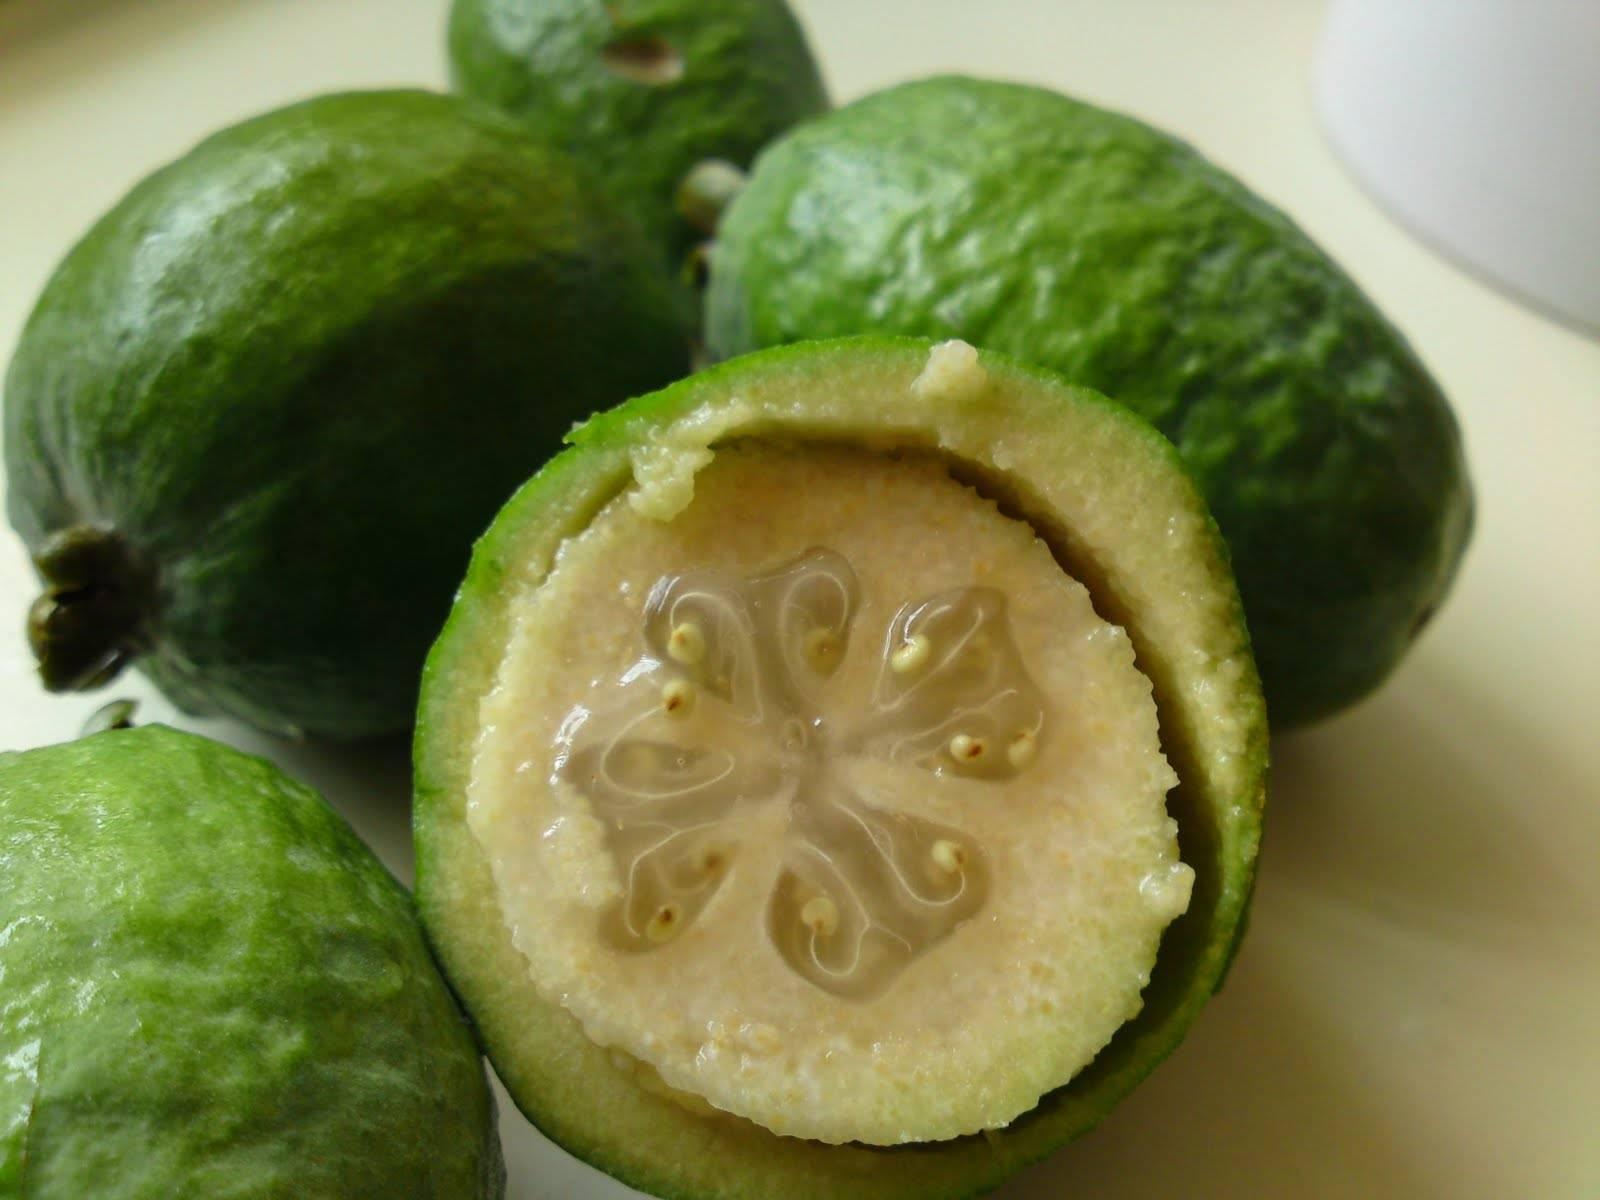 feijoa un frutto buonissimo ricco di propriet benefiche